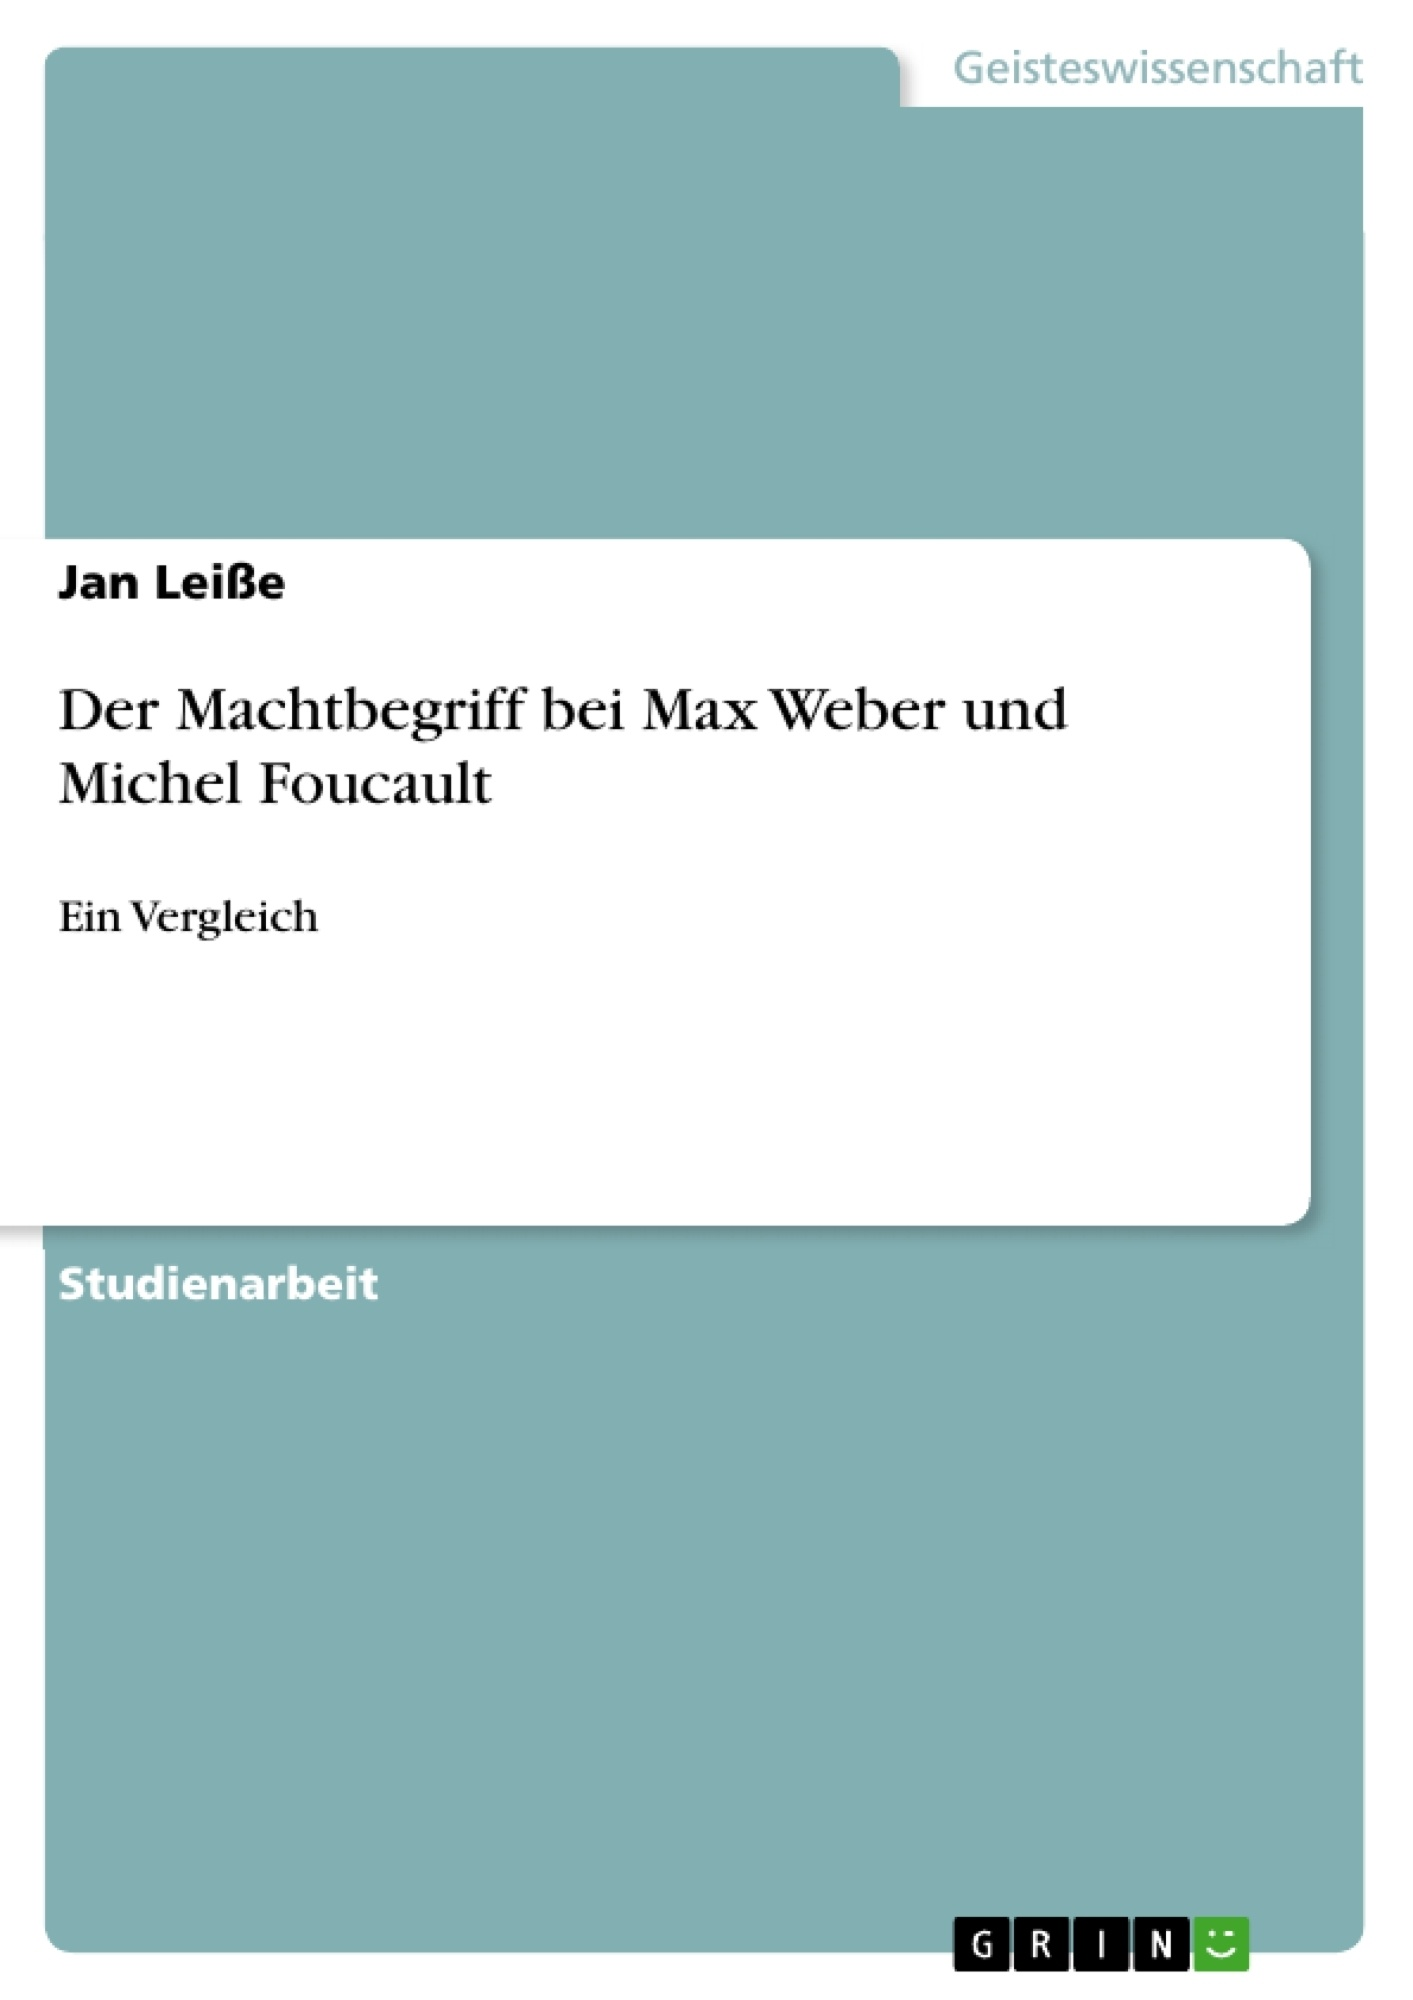 Titel: Der Machtbegriff bei Max Weber und Michel Foucault